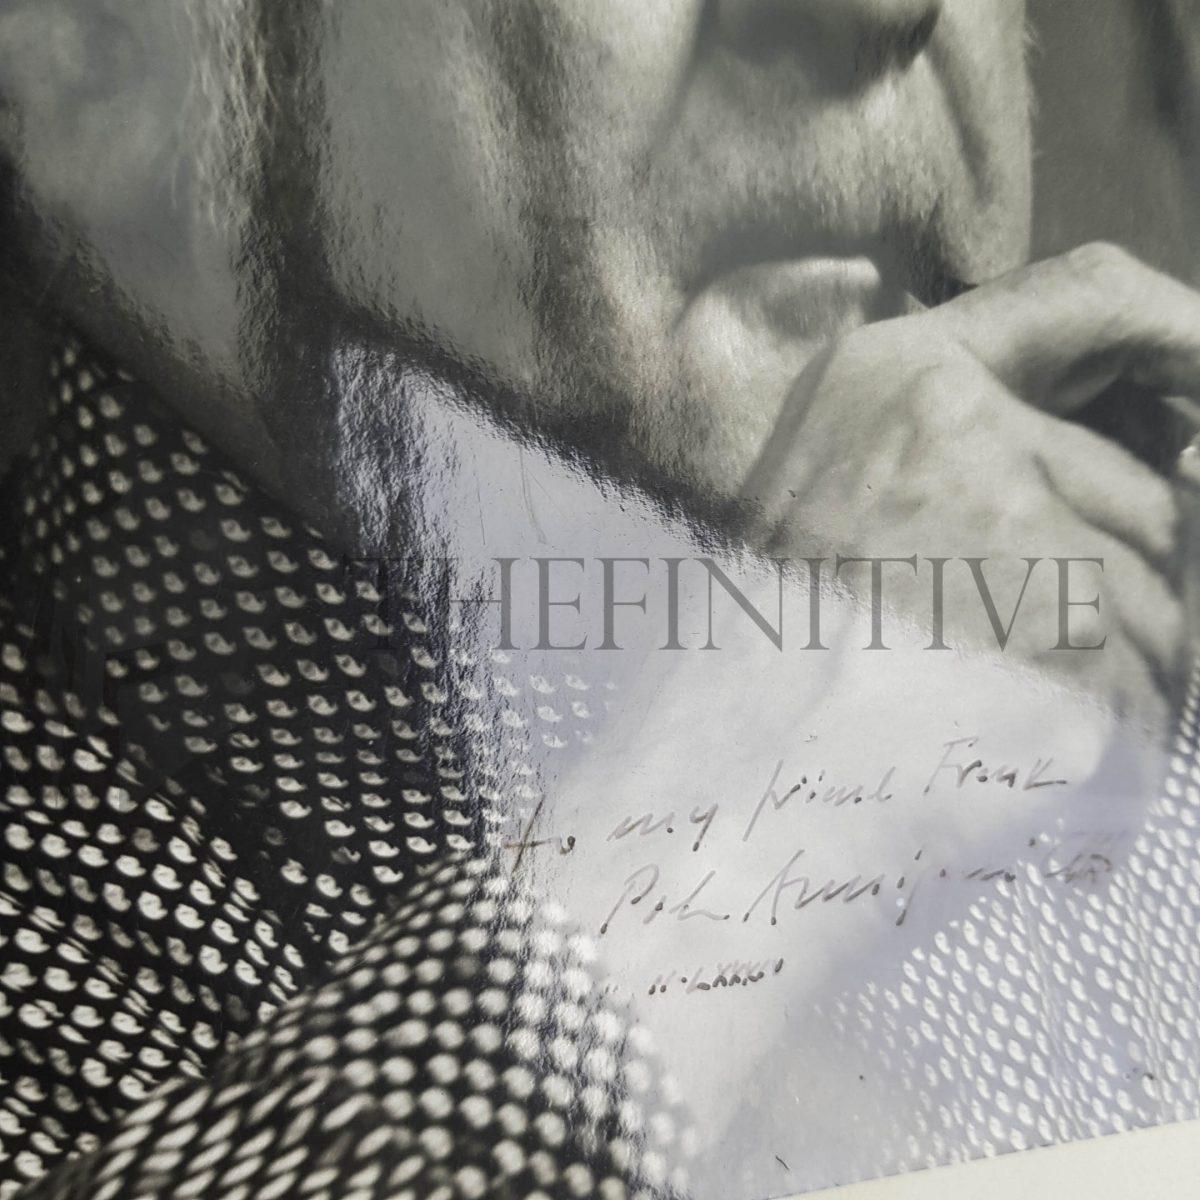 Annigoni fotografia ritratto Autografo